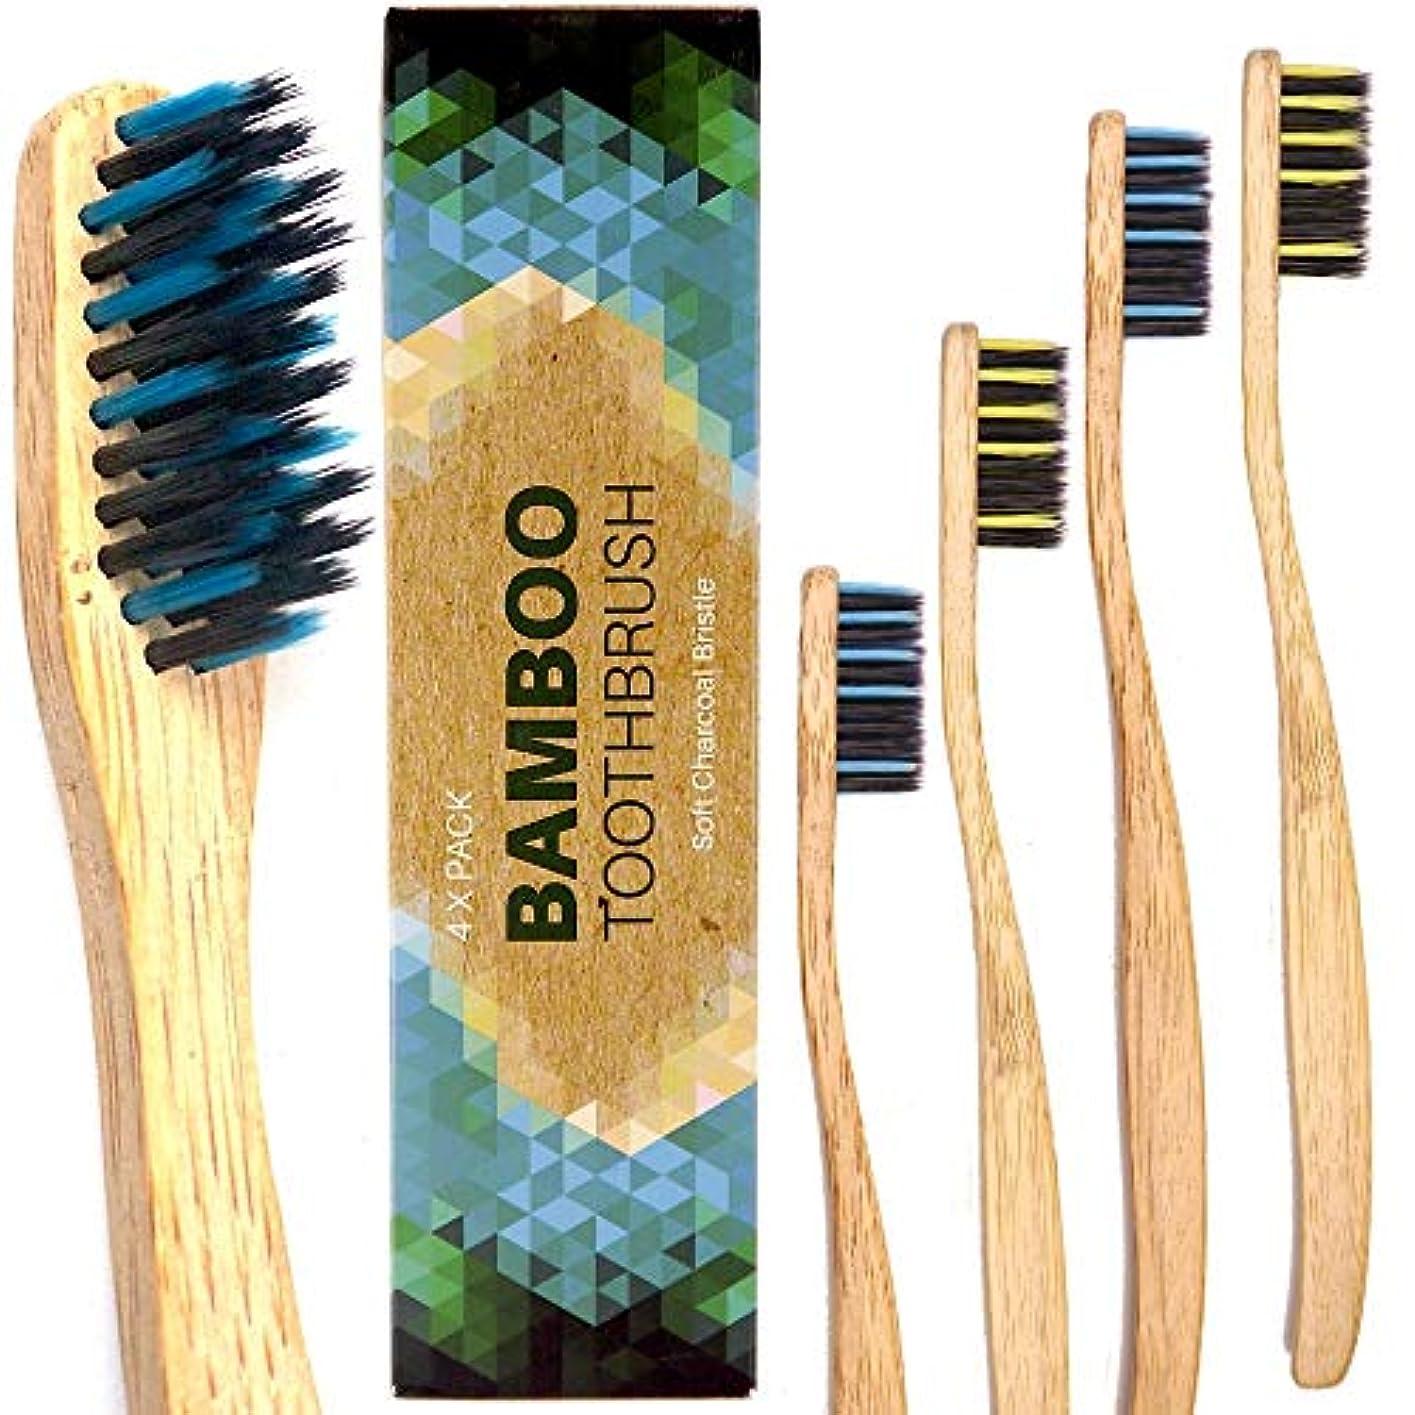 オンに向けて出発王子竹製歯ブラシ。チャコールブリストル大人 - ミディアム及びソフト、生分解性、ビーガン、バイオ、エコ、持続可能な木製ハンドル4本パック4 Bamboo Toothbrushes, ホワイトニング 歯, ドイツの品質, 竹歯ブラシ